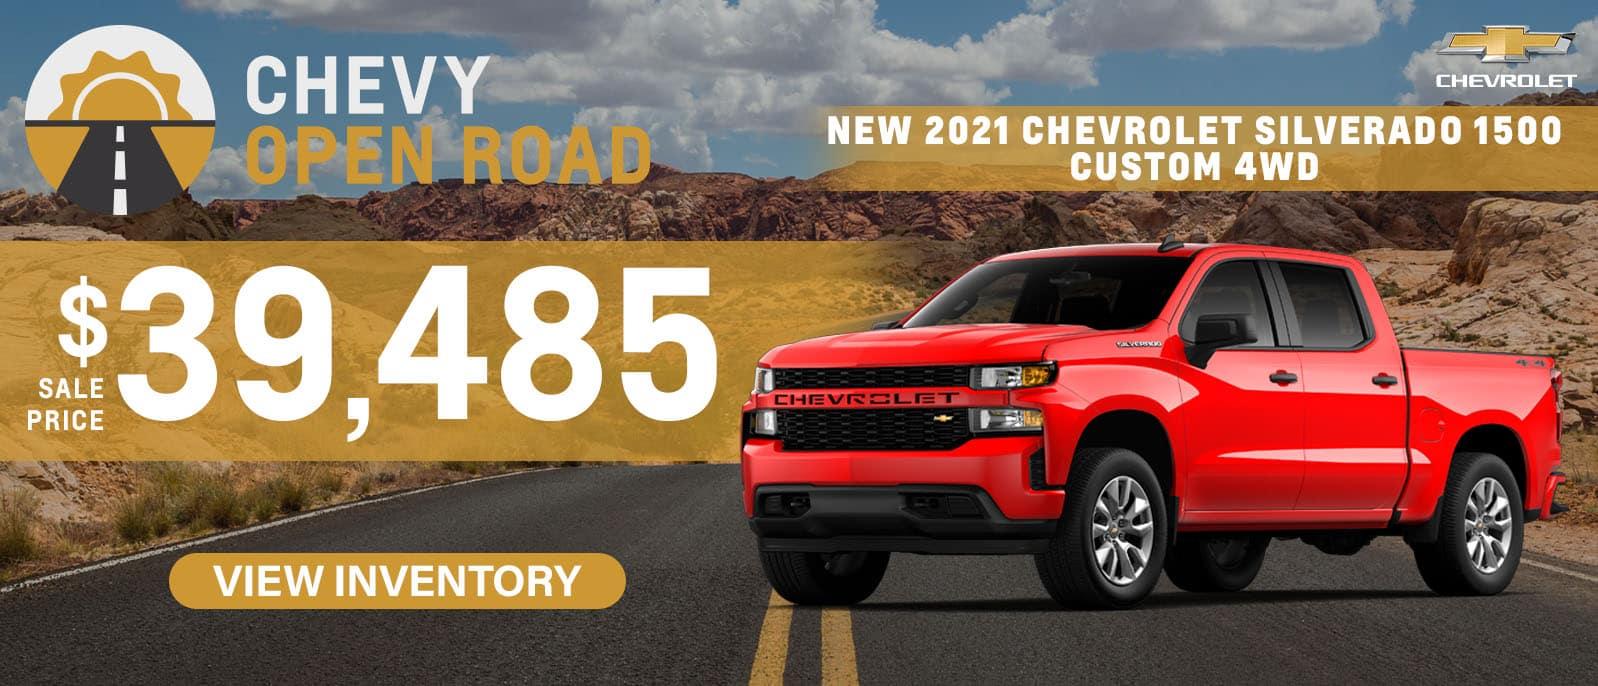 CRCH-July 2021-2021 Chevy Silverado copy